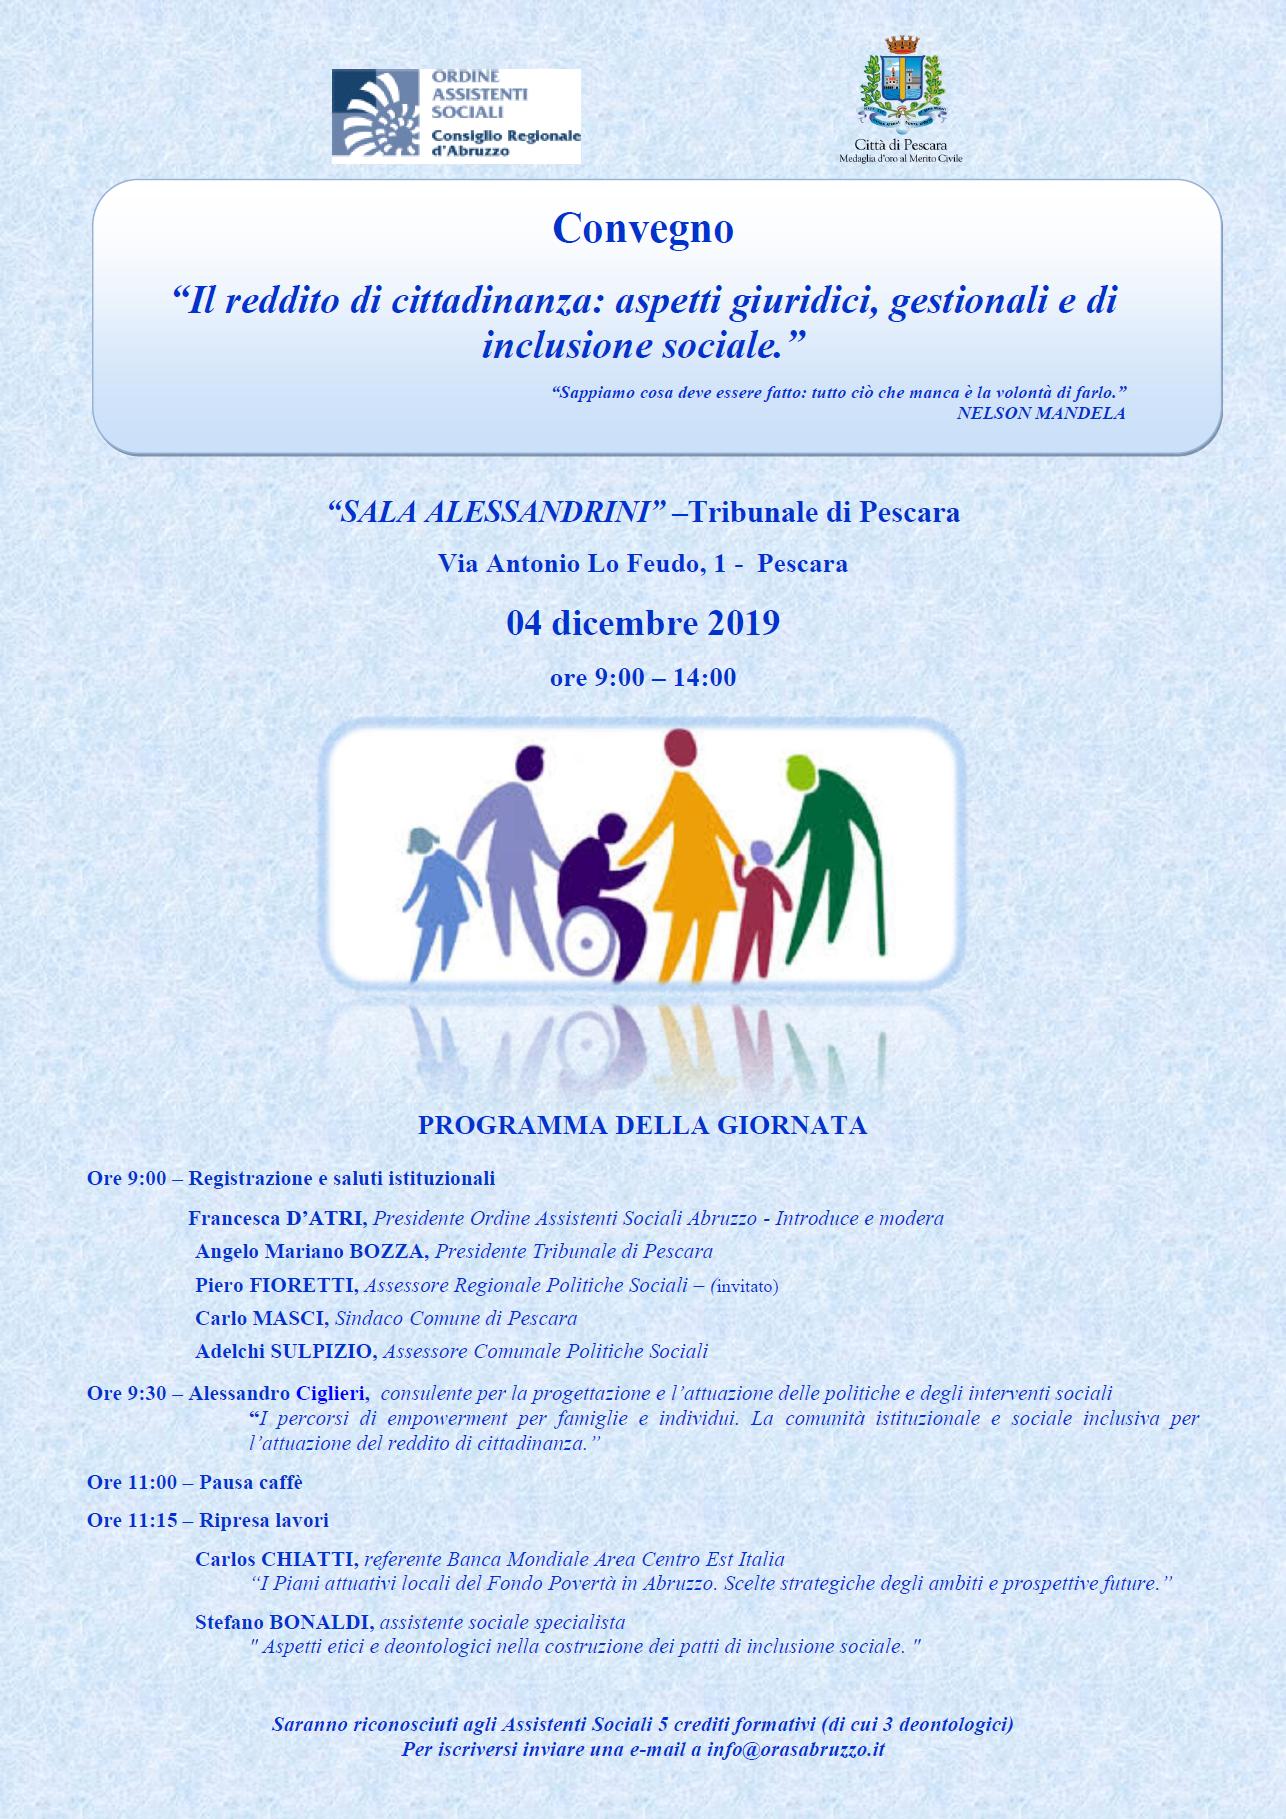 Convegno: Il reddito di cittadinanza: aspetti giuridici, gestionali e di inclusione sociale